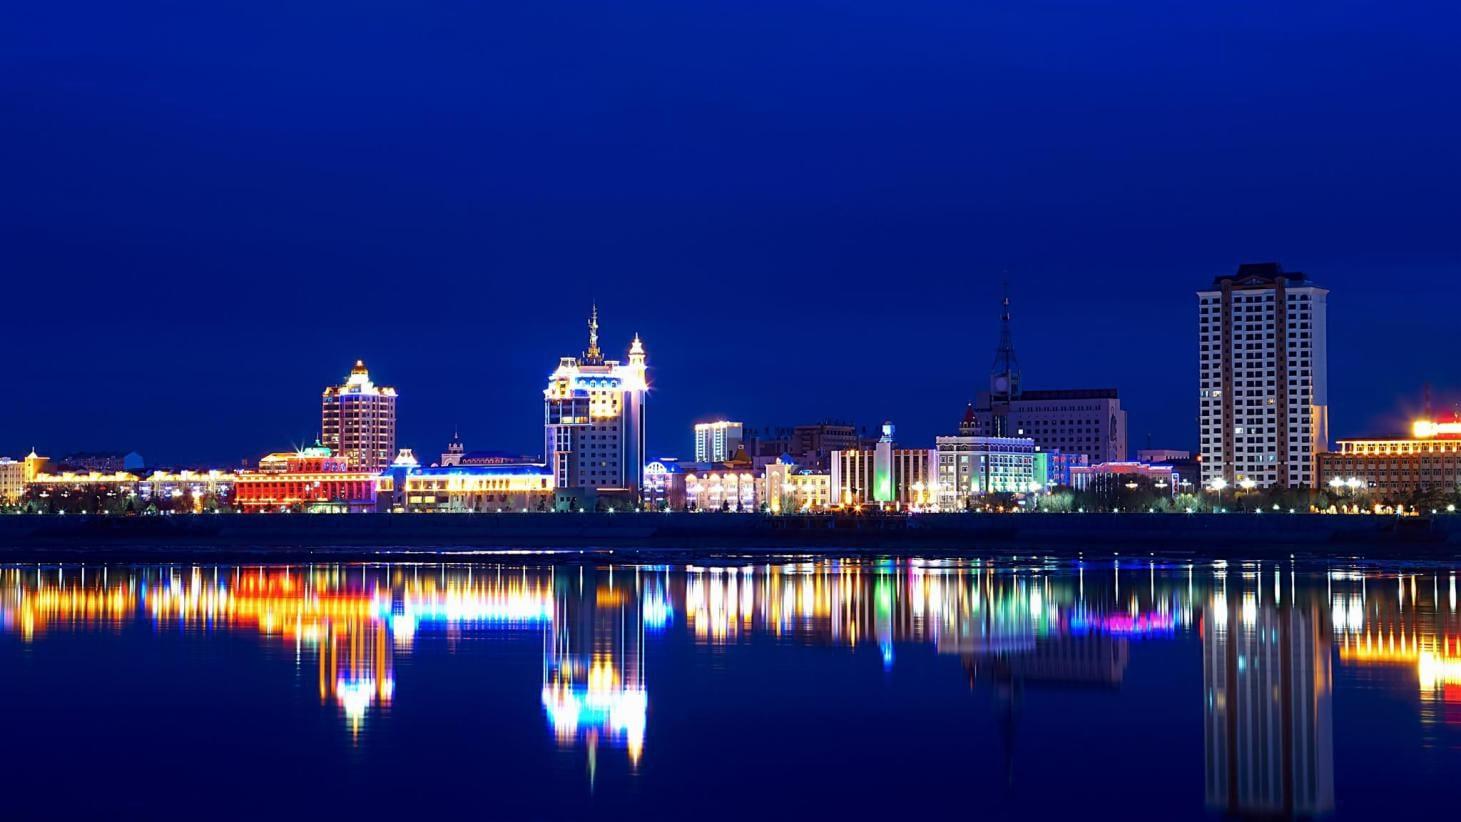 Город Хэйхе в Китае: достопримечательности и шоппинг